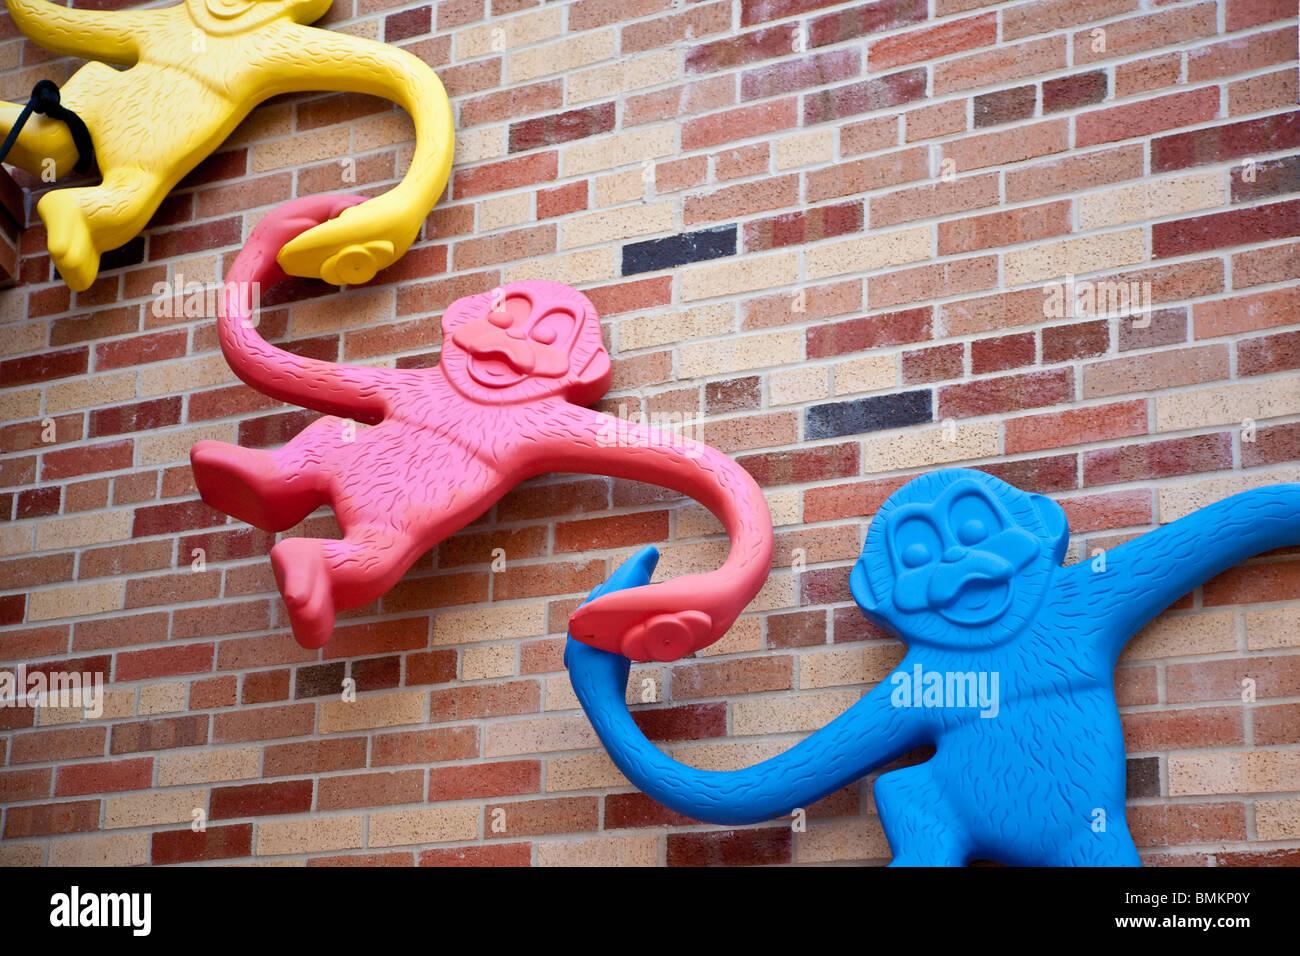 Baril de singes des jouets utilisés comme décoration sur les ...